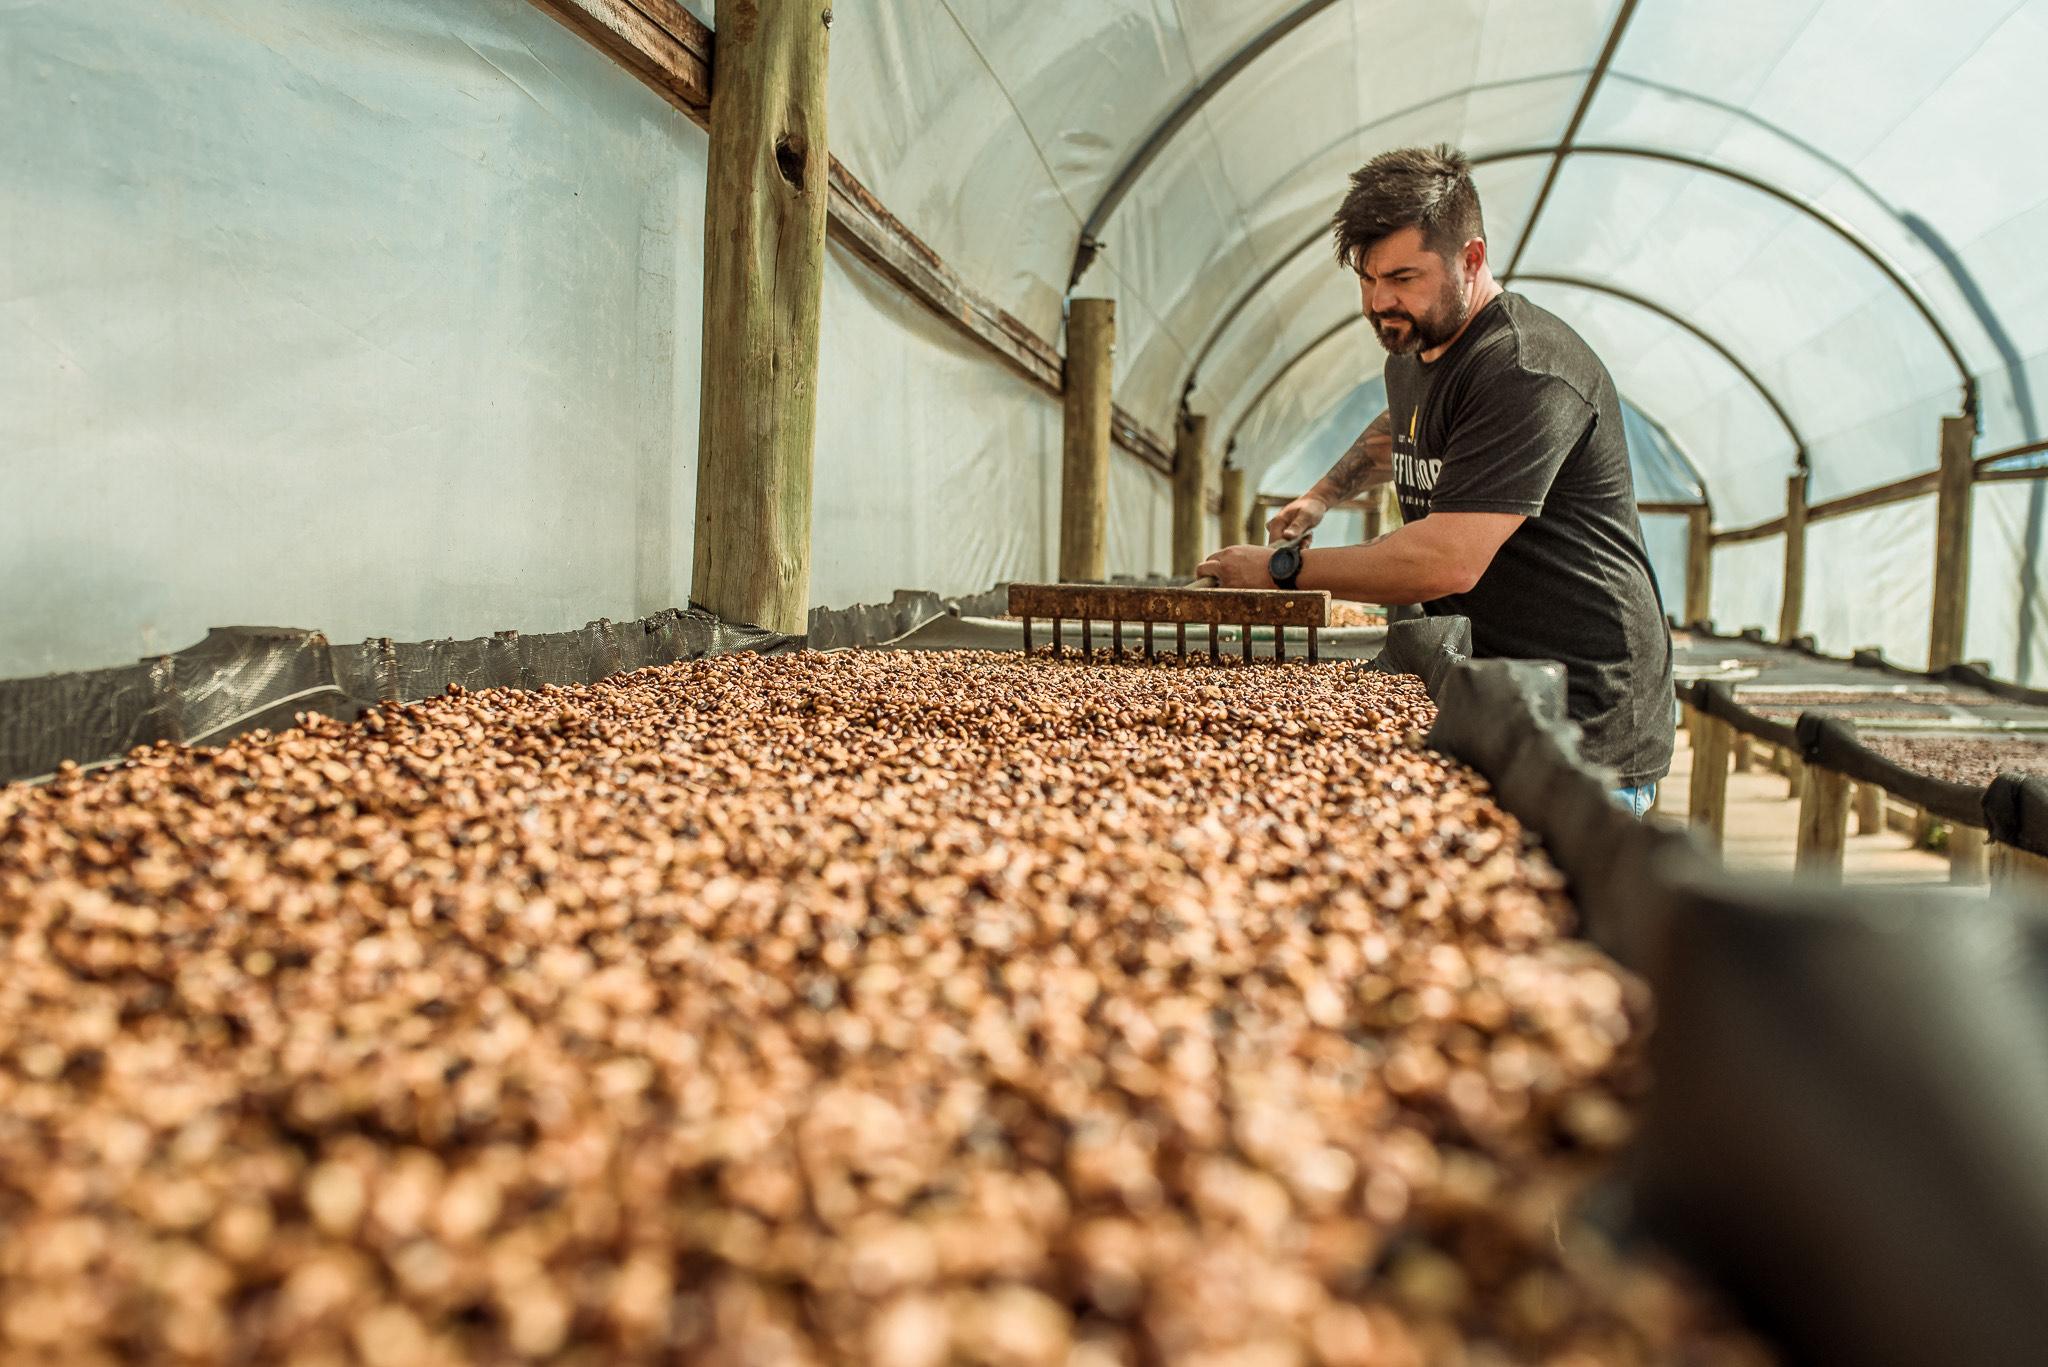 A secagem do café é feita de maneira controlada dentro de uma estufa. Foto: Divulgação